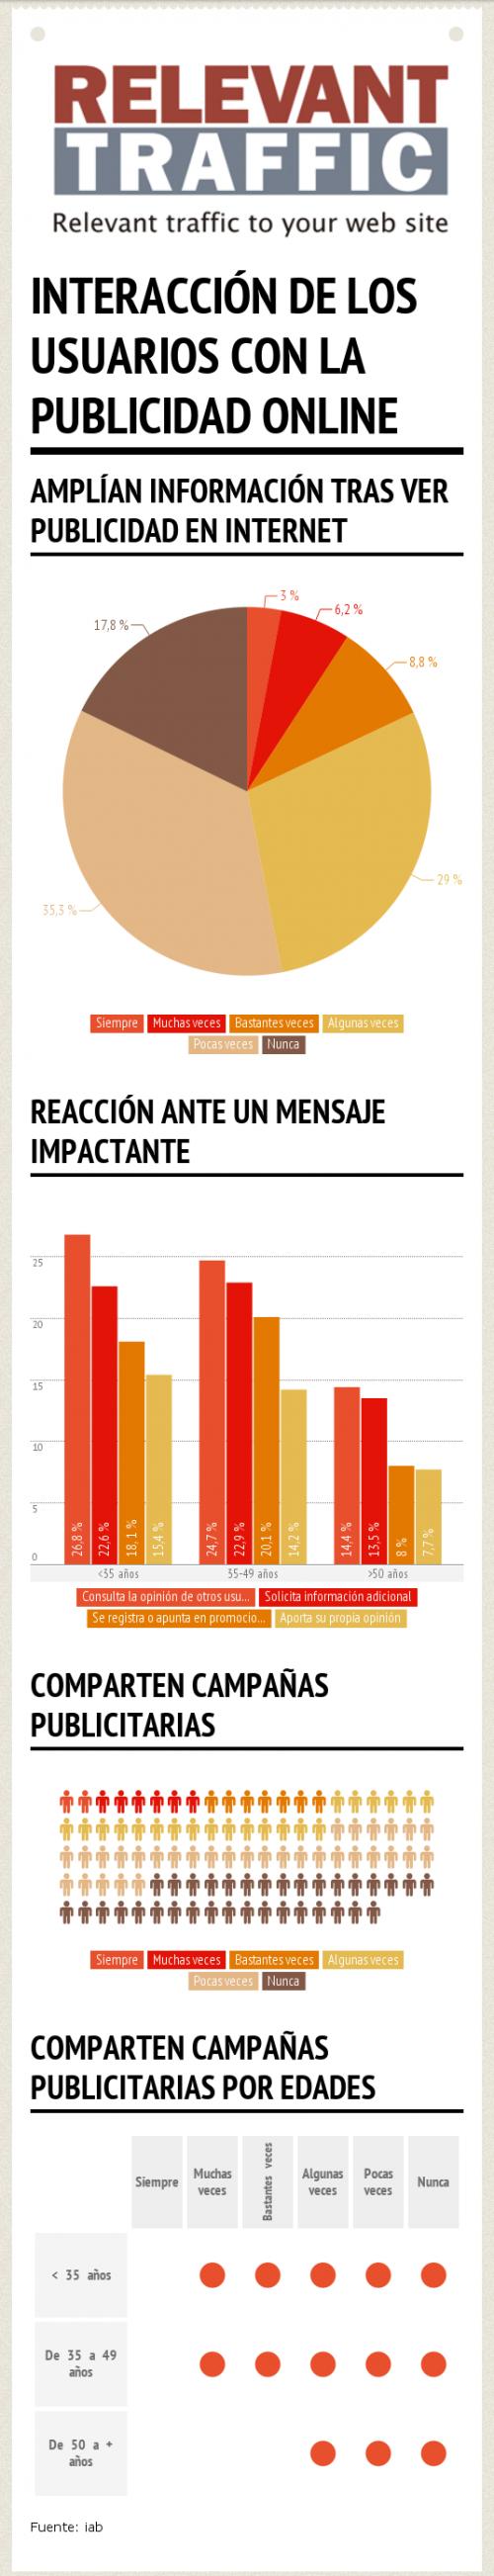 Infografía: ¿Cómo interactúan los usuarios con la publicidad online?